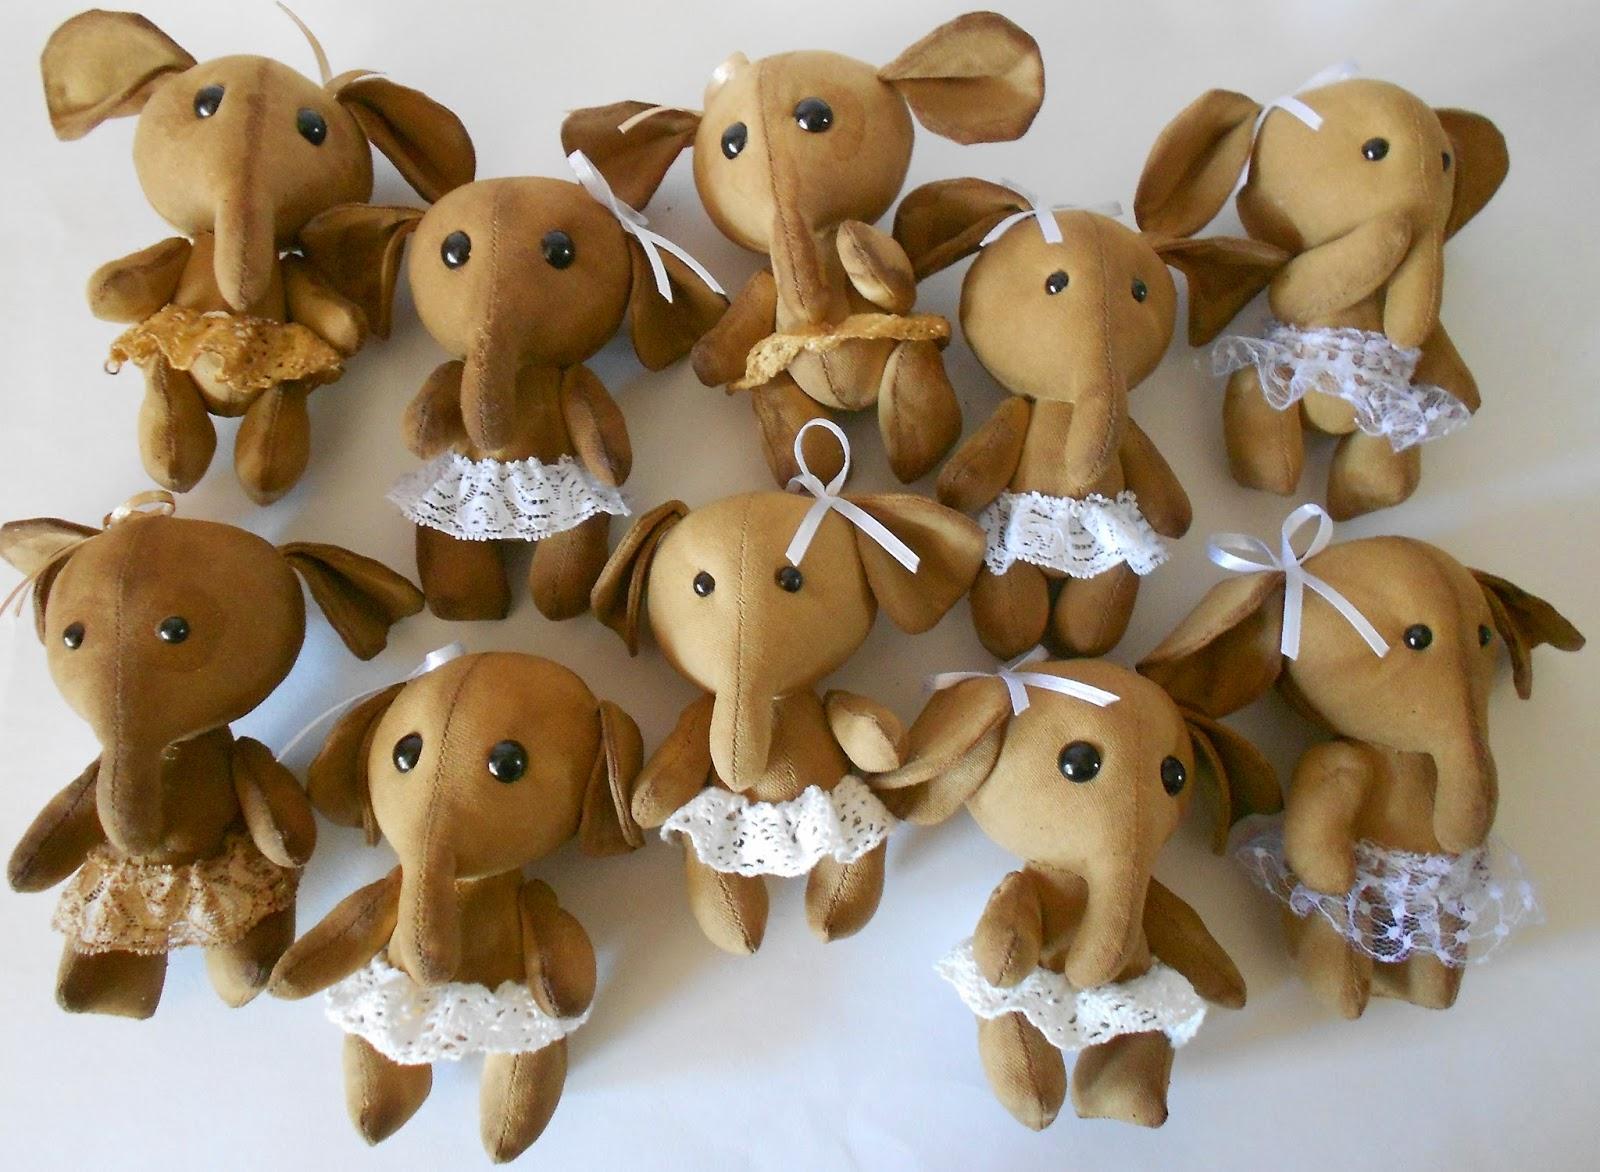 слон,слоник,кофейная игрушка, игрушка,купить, купить игрушку